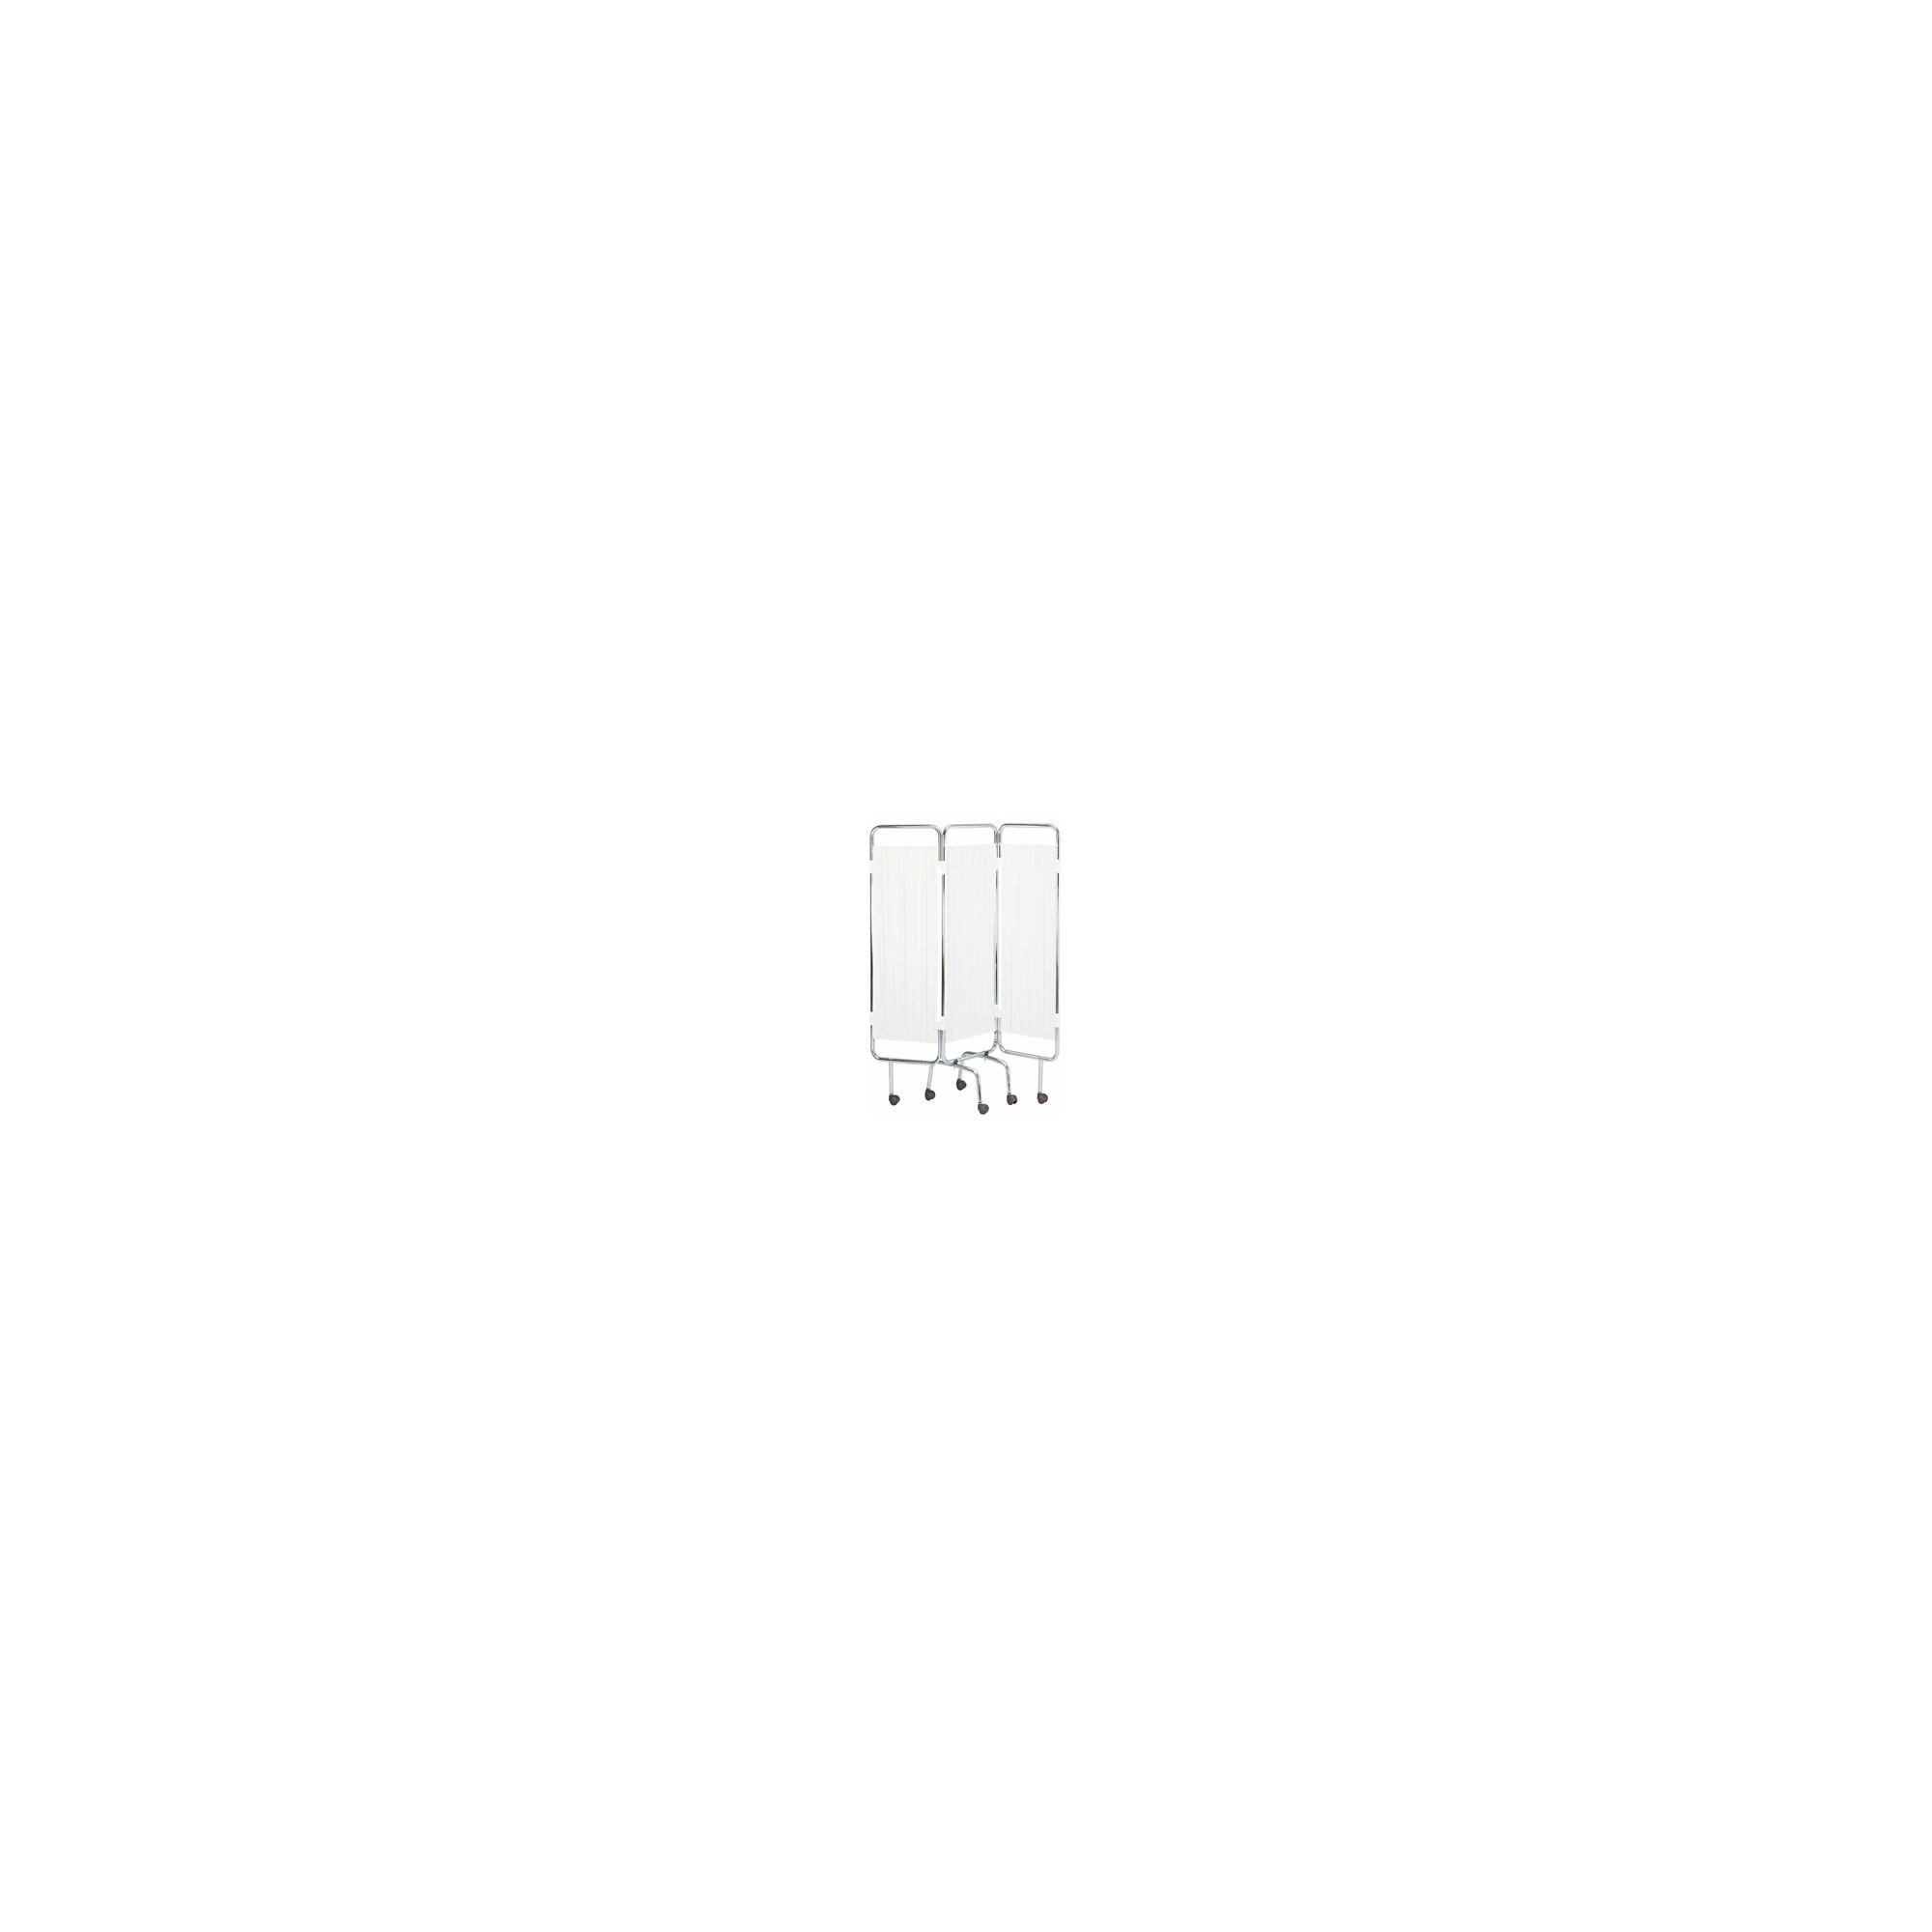 Paravent chromé blanc - 3 panneaux - Avec roulettes